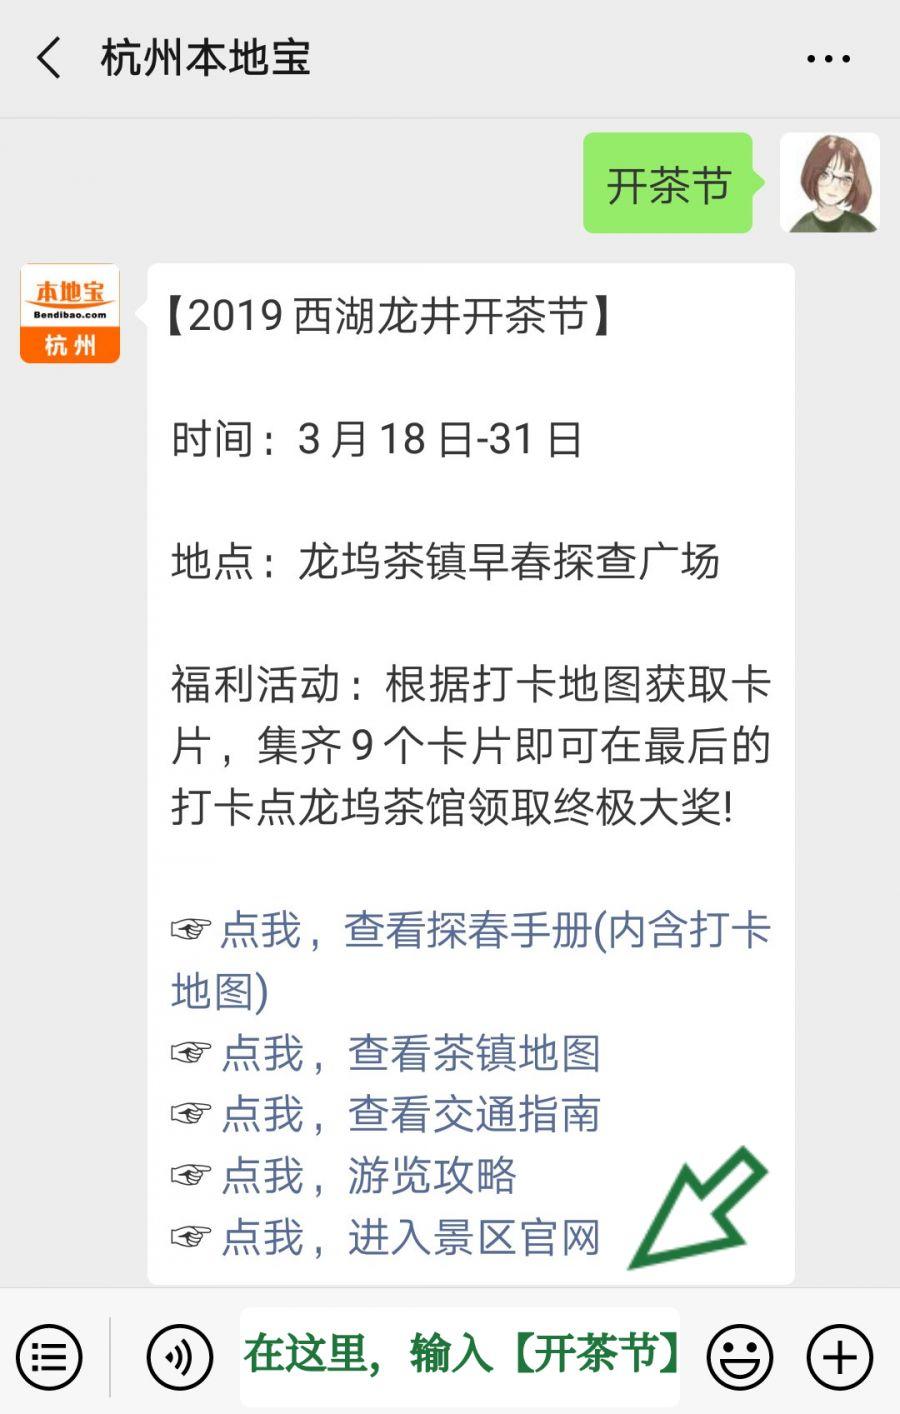 2019西湖龙井开茶节时间、地点、内容